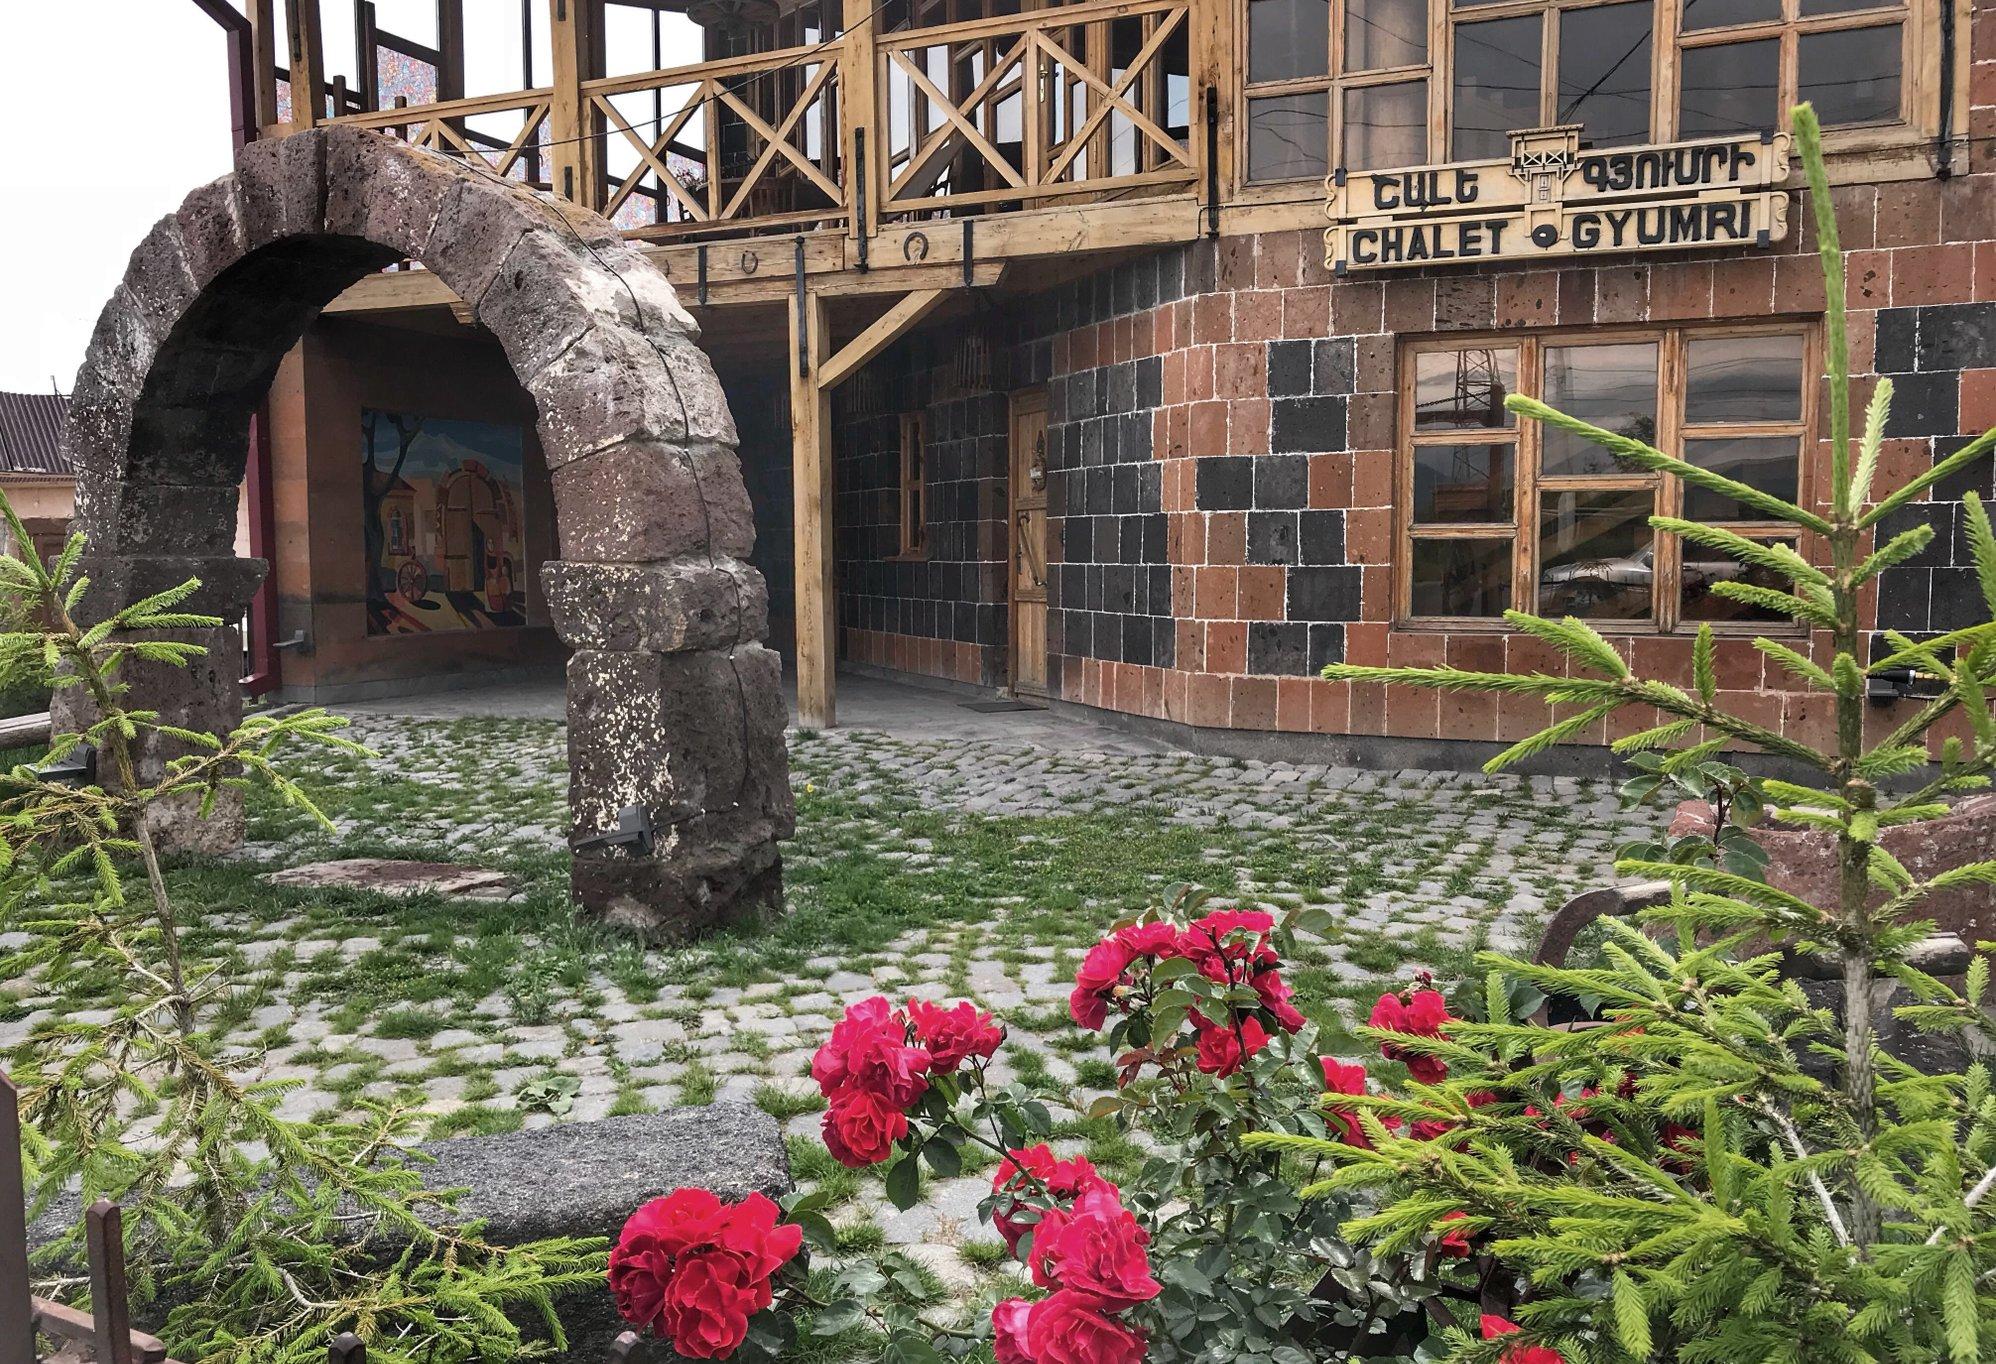 Una delle pensioni di Gyumri - Armine Avetisyan